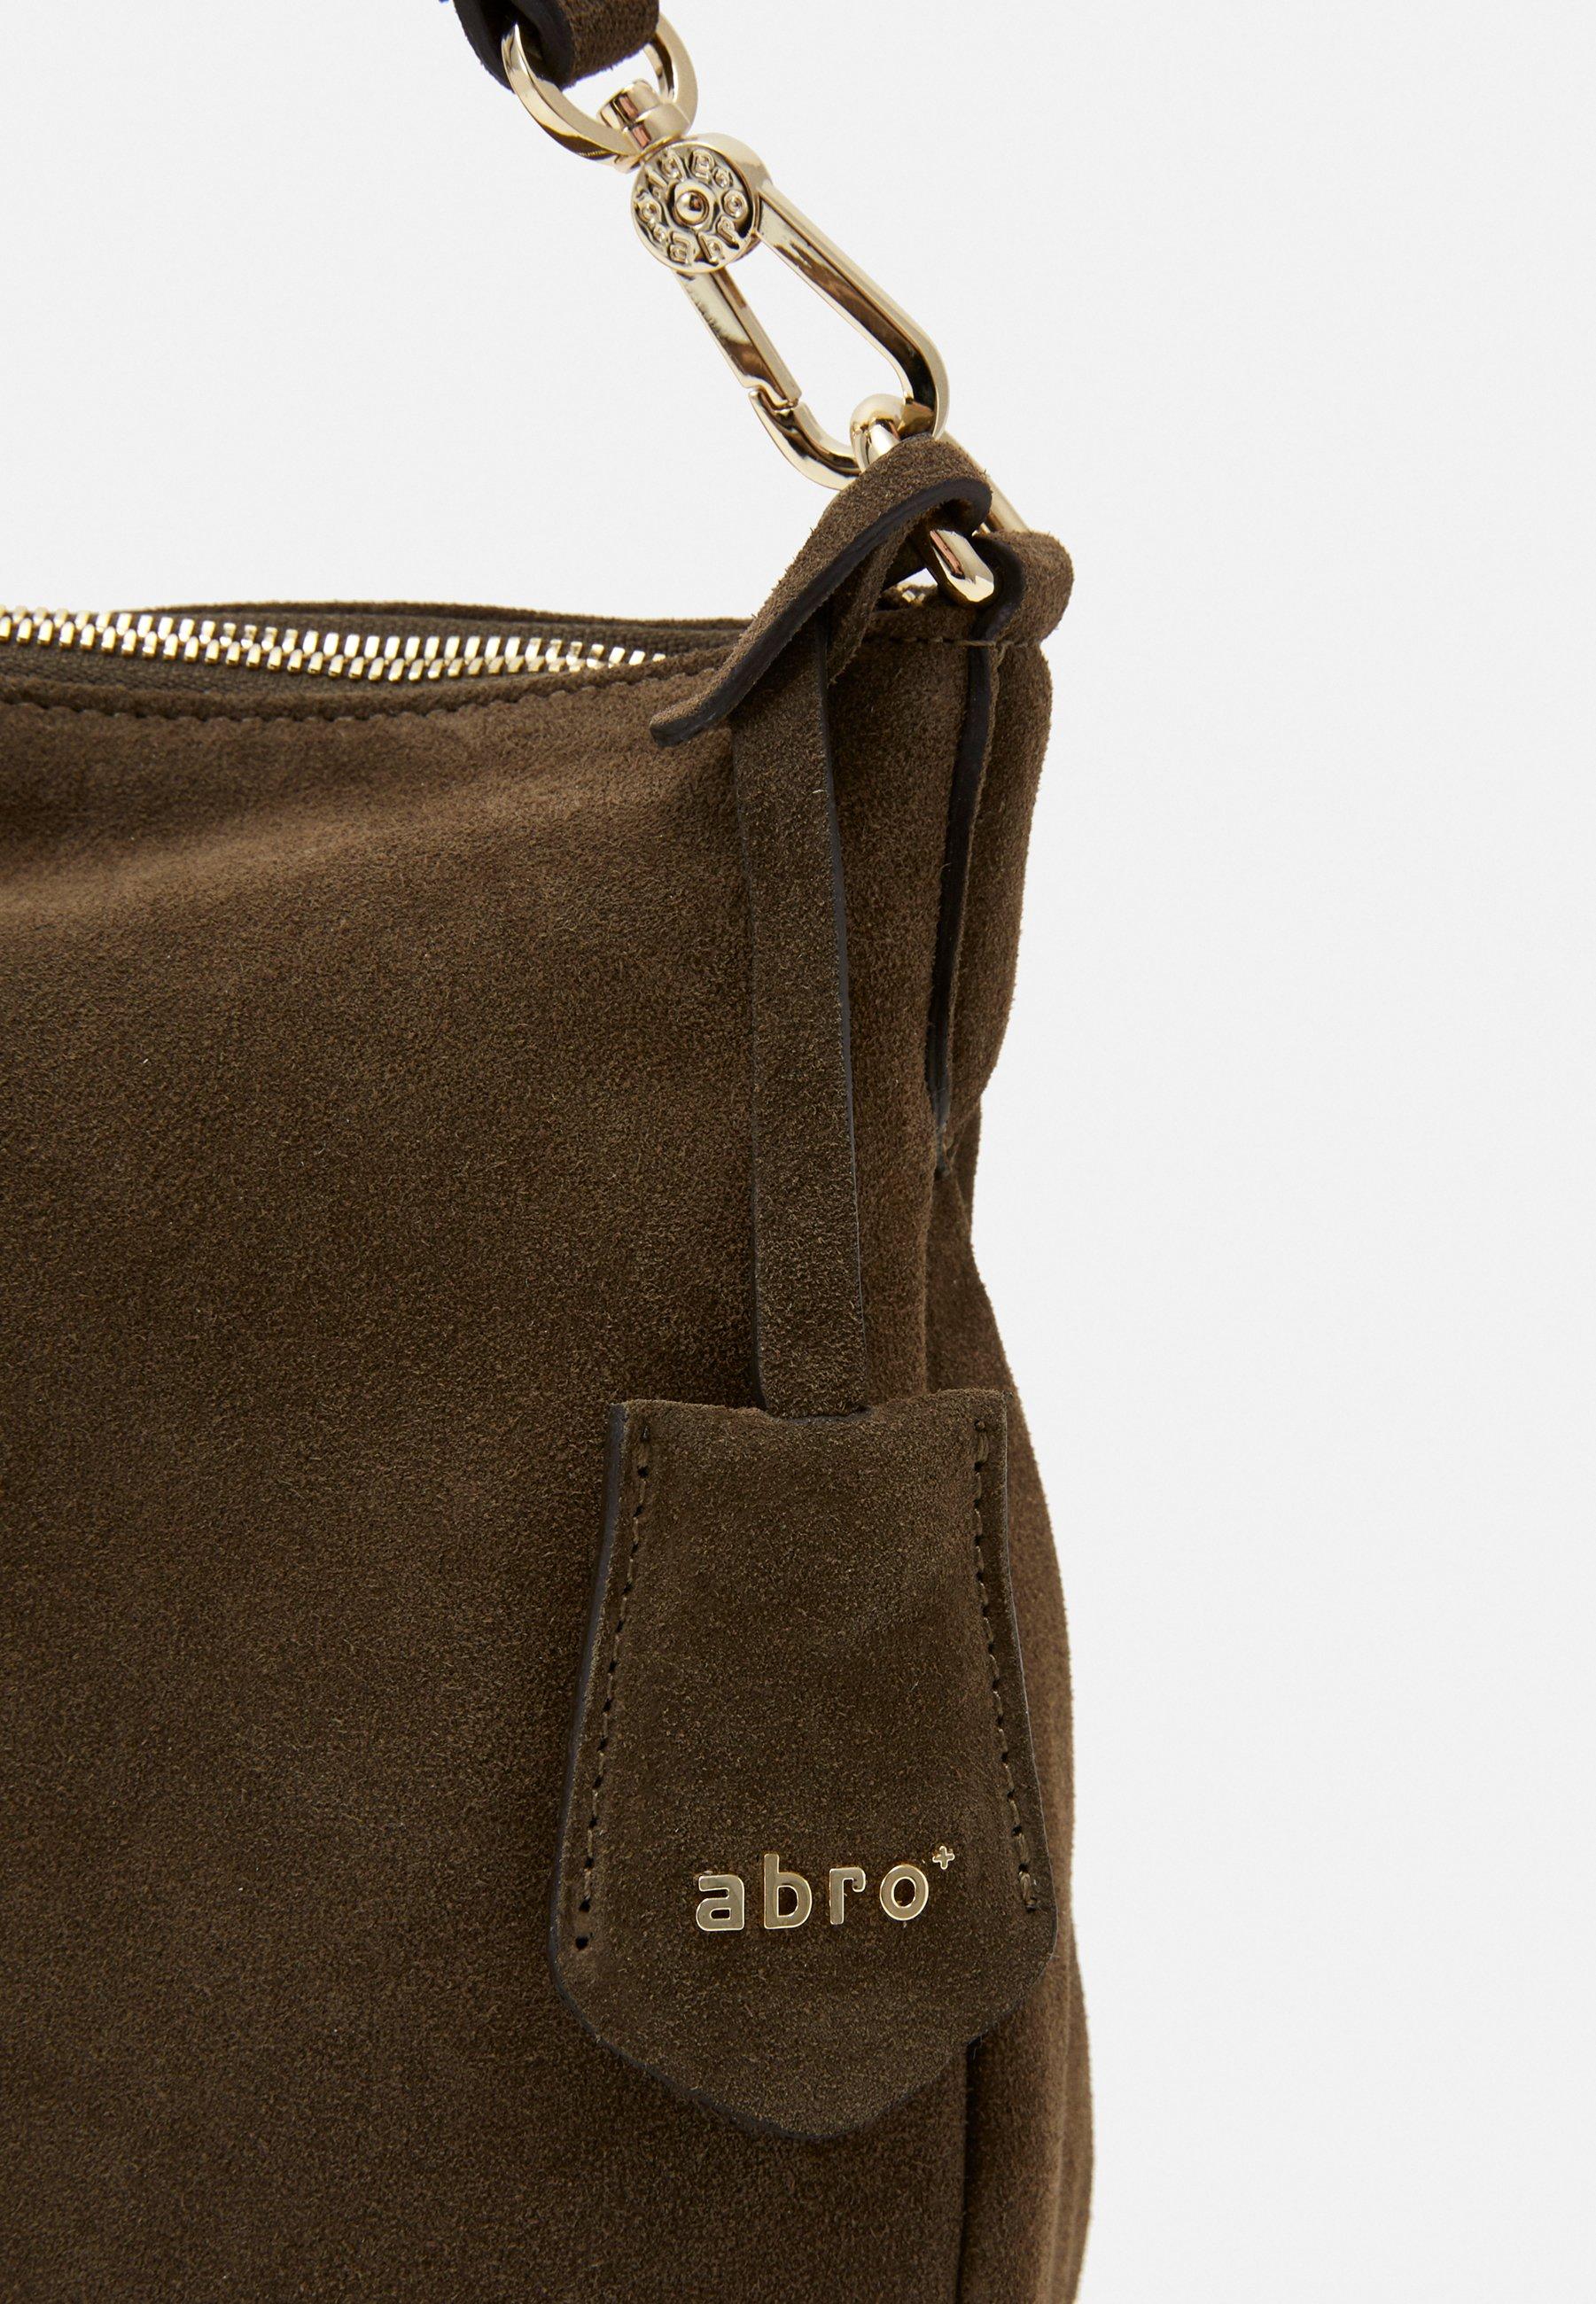 Abro Juna Small - Håndtasker Military Green